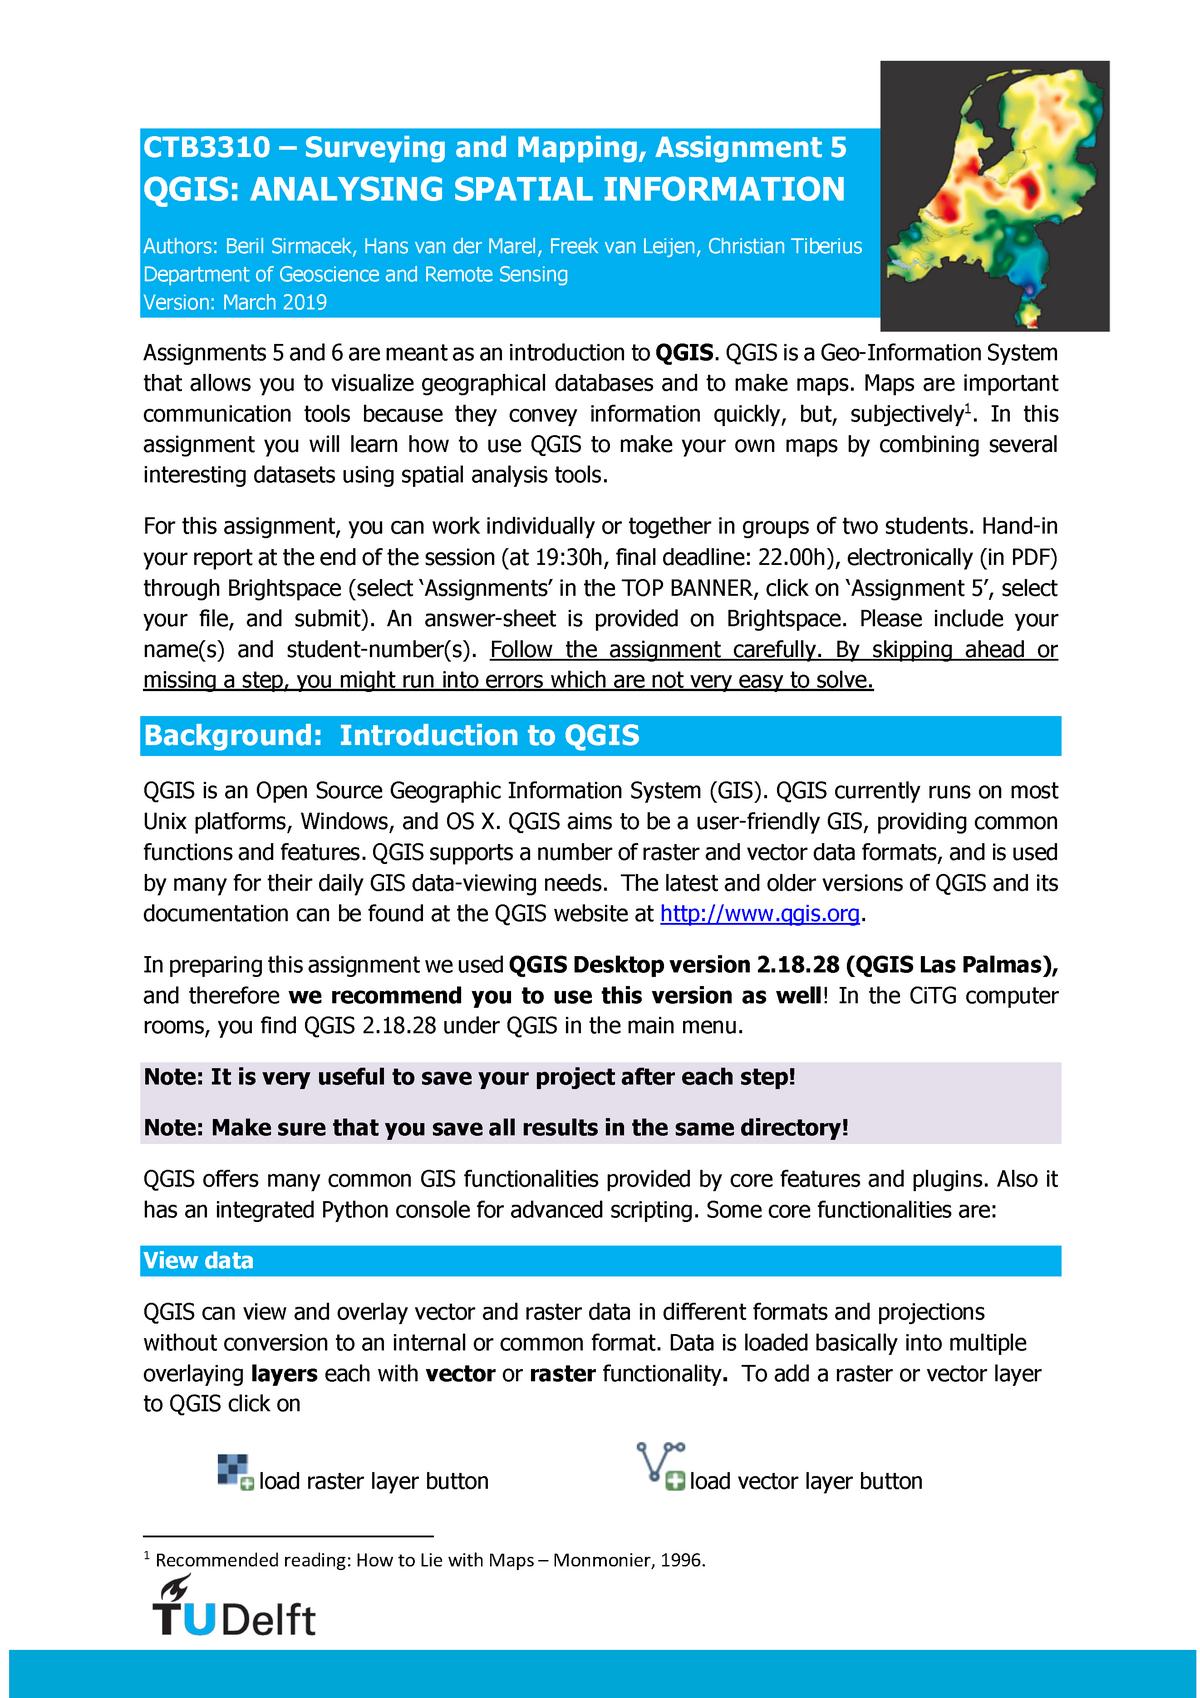 CTB3310 assignment 5 QGIS spatial information - TU Delft